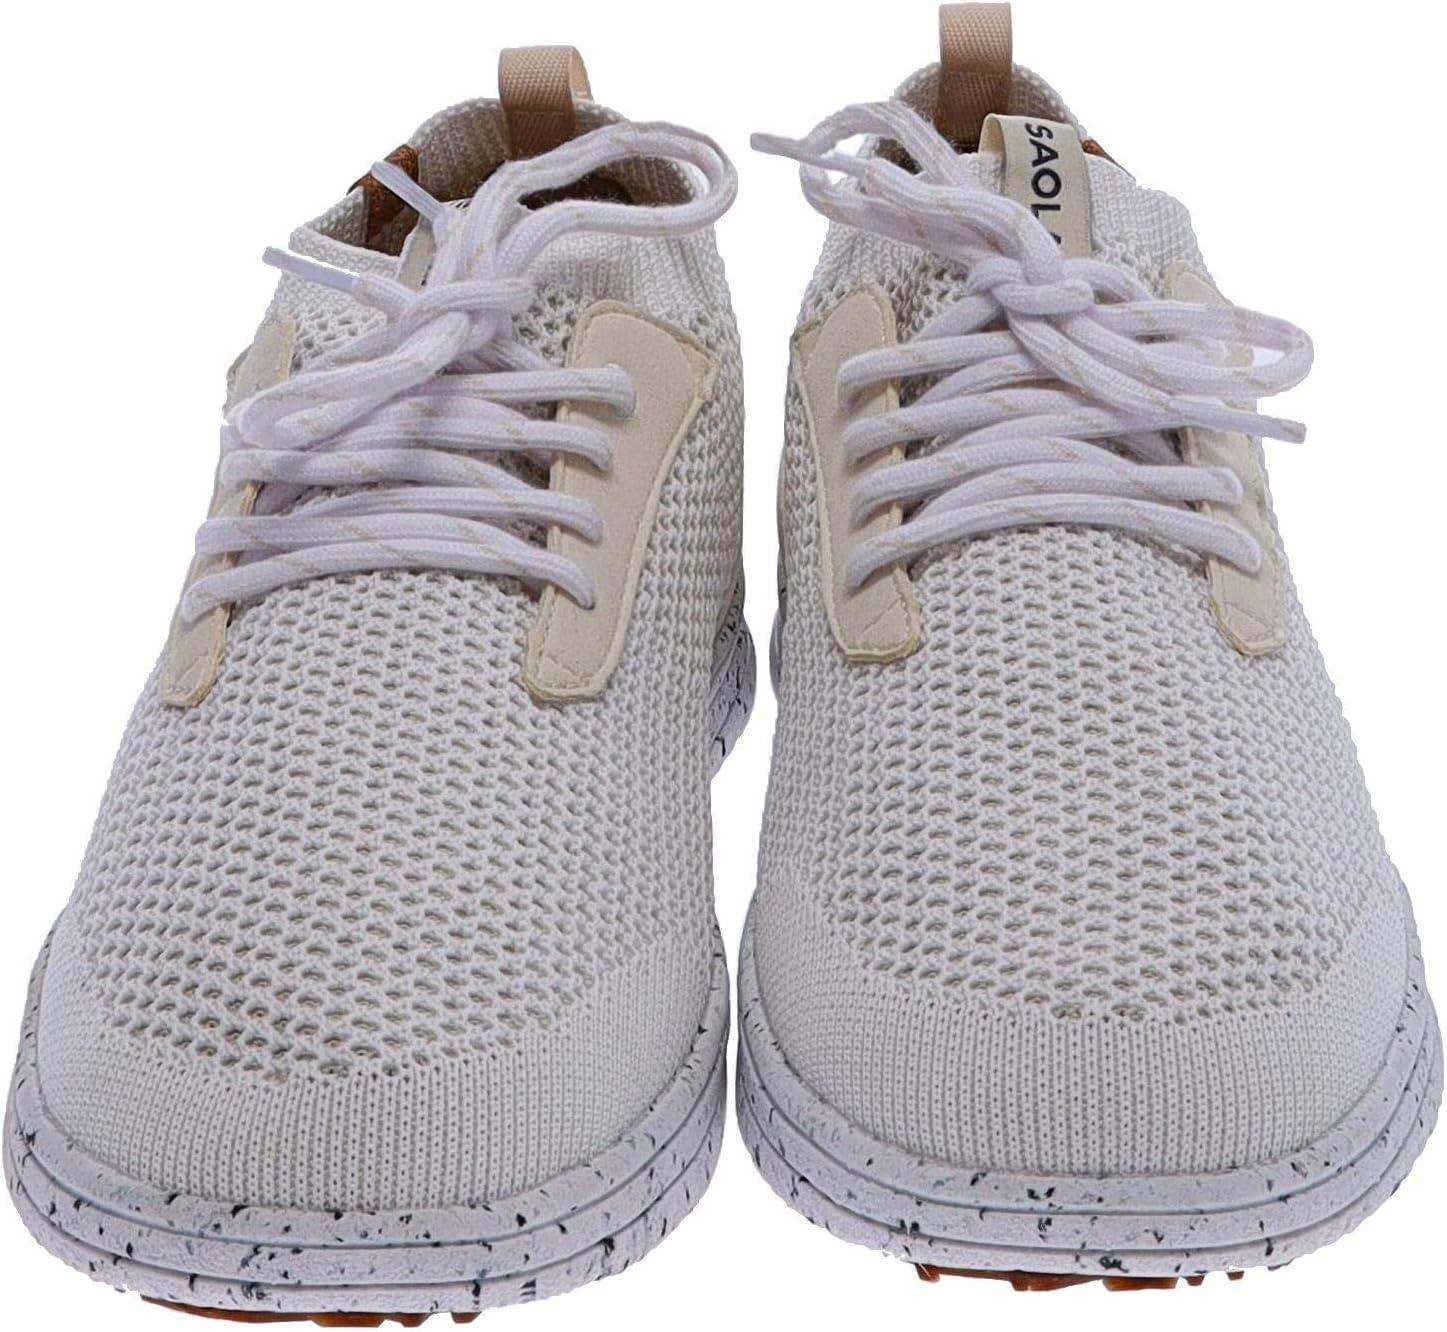 Saola dames Mindo schoenen vrijetijdsschoenen outdoor schoenen wit